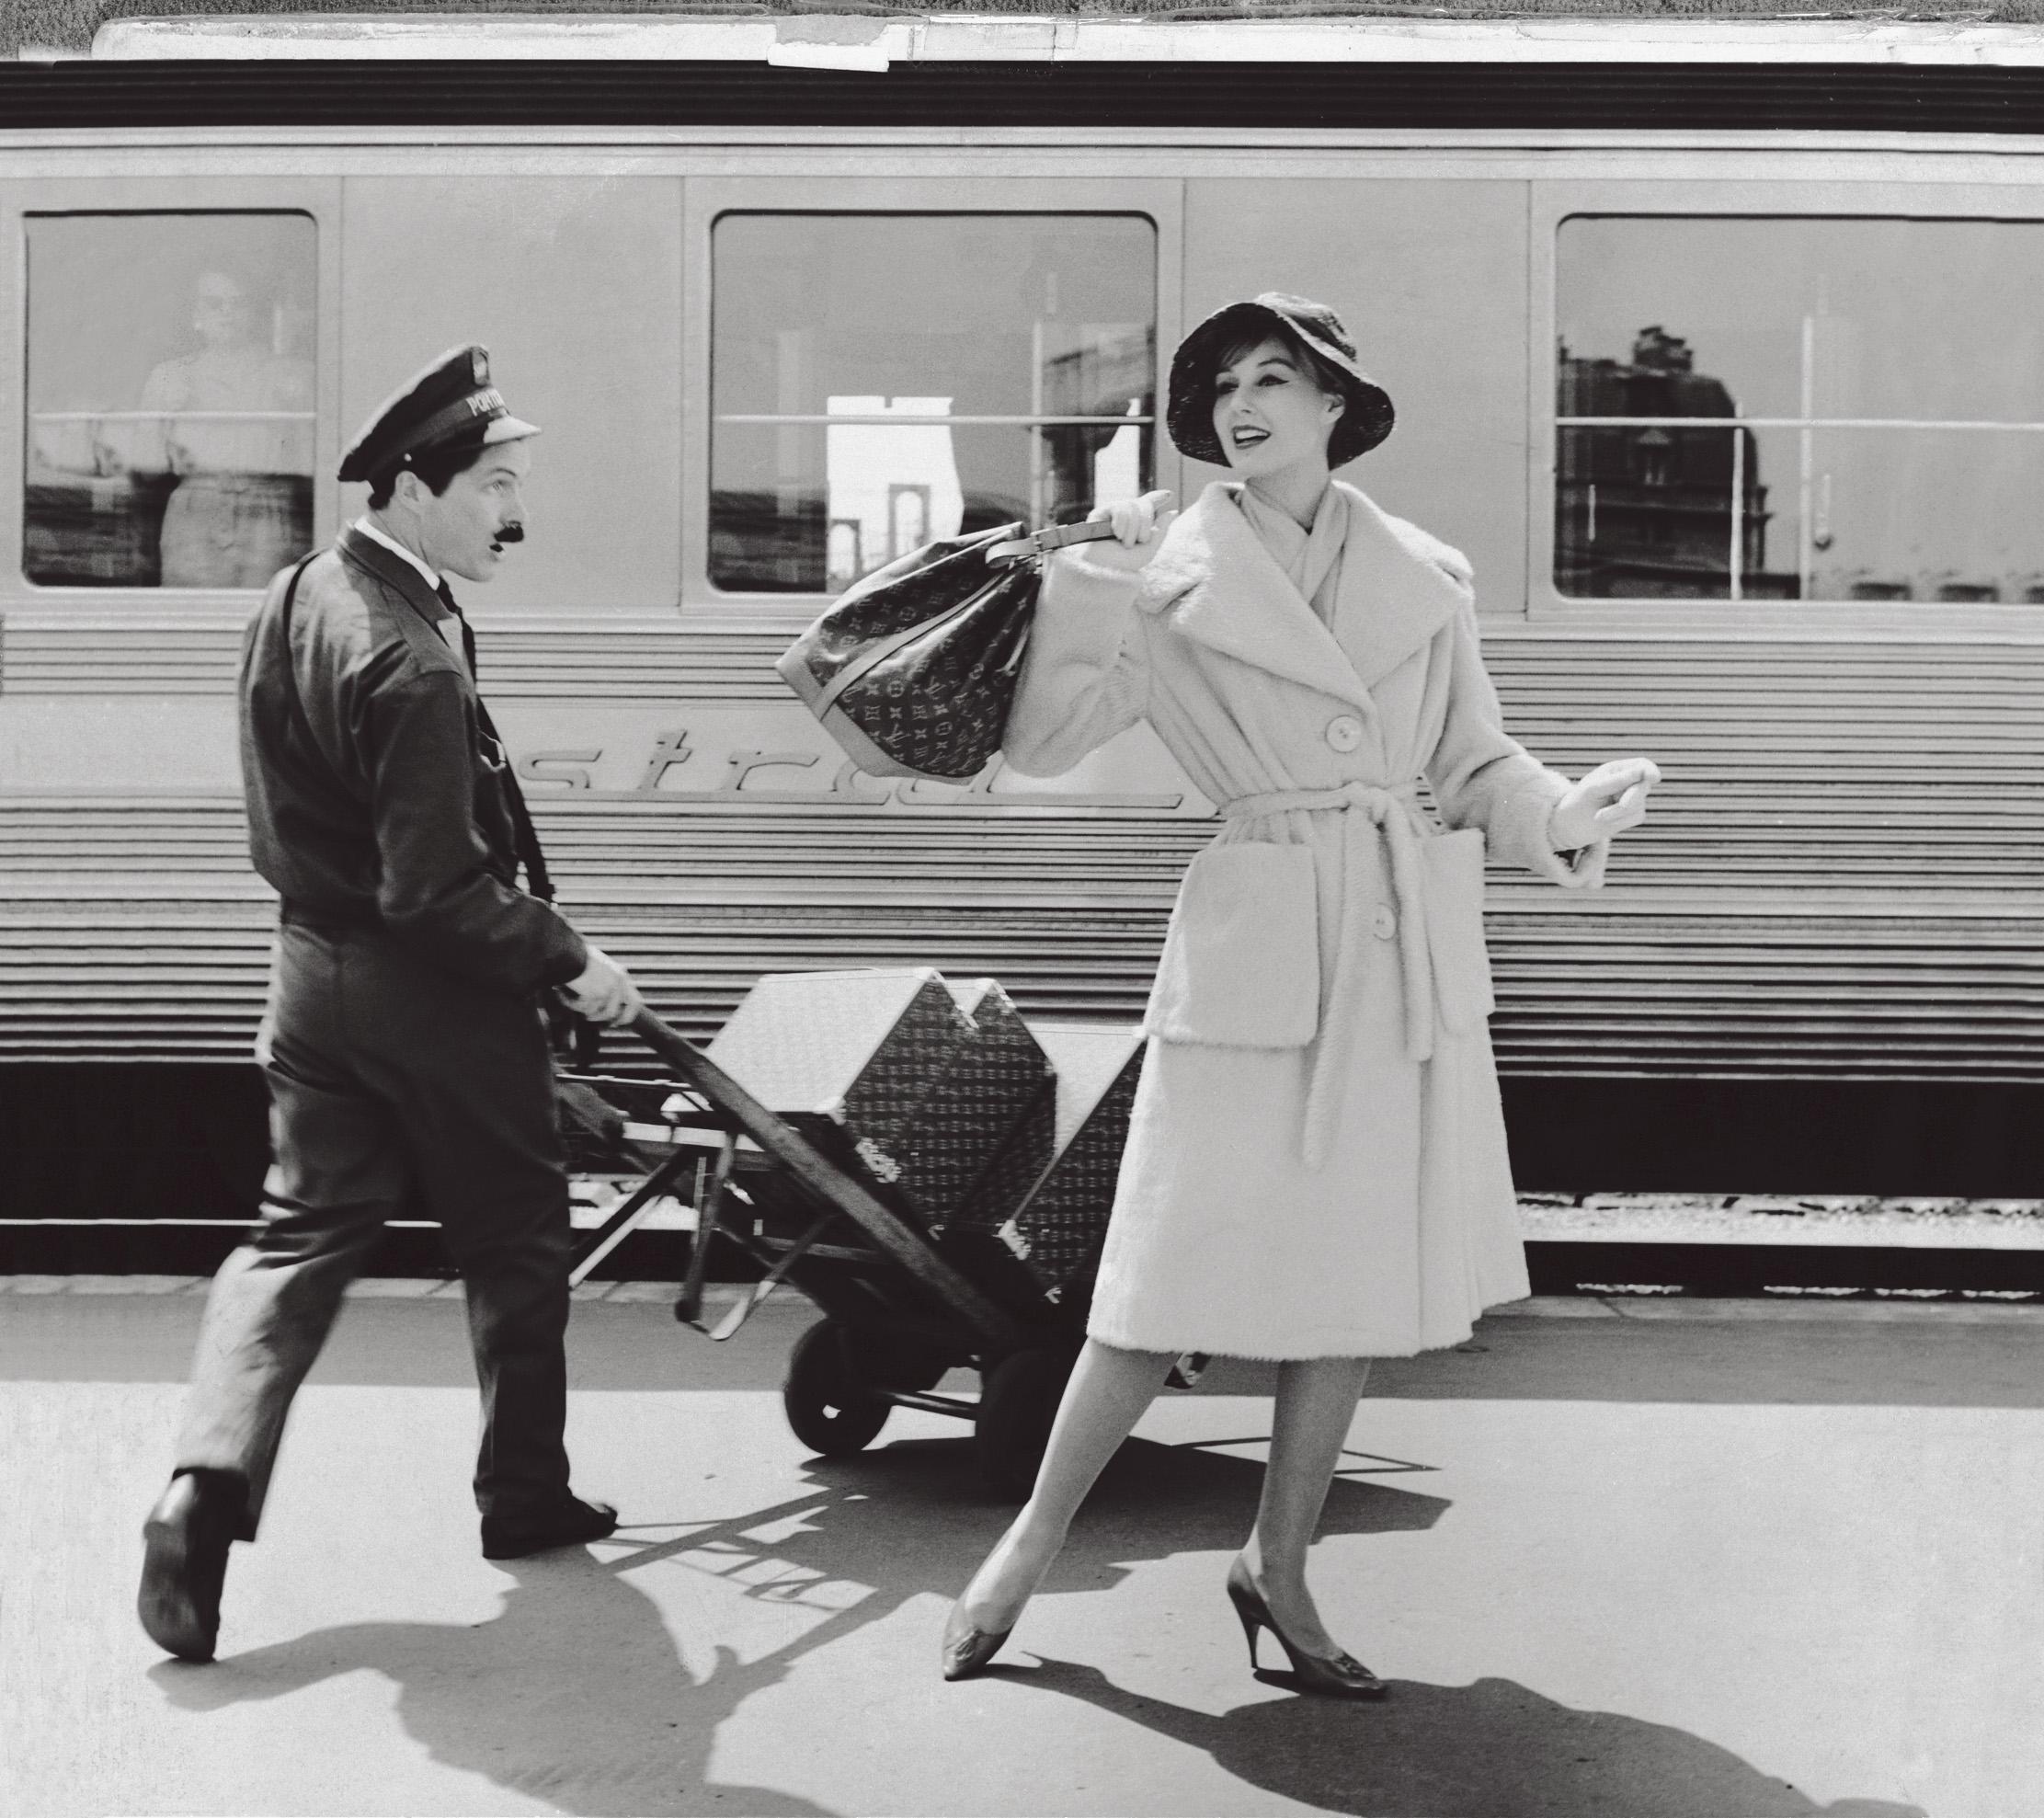 Photographie de mode parue dans Vogue et Paris Match dans les annees 1960 : le sac de ville Noe en toile Monogram fait son apparition aux cotes des valises rigides Cotteville, Bessac et Bisten sur le quai de la gare d'ou part le Mistral,